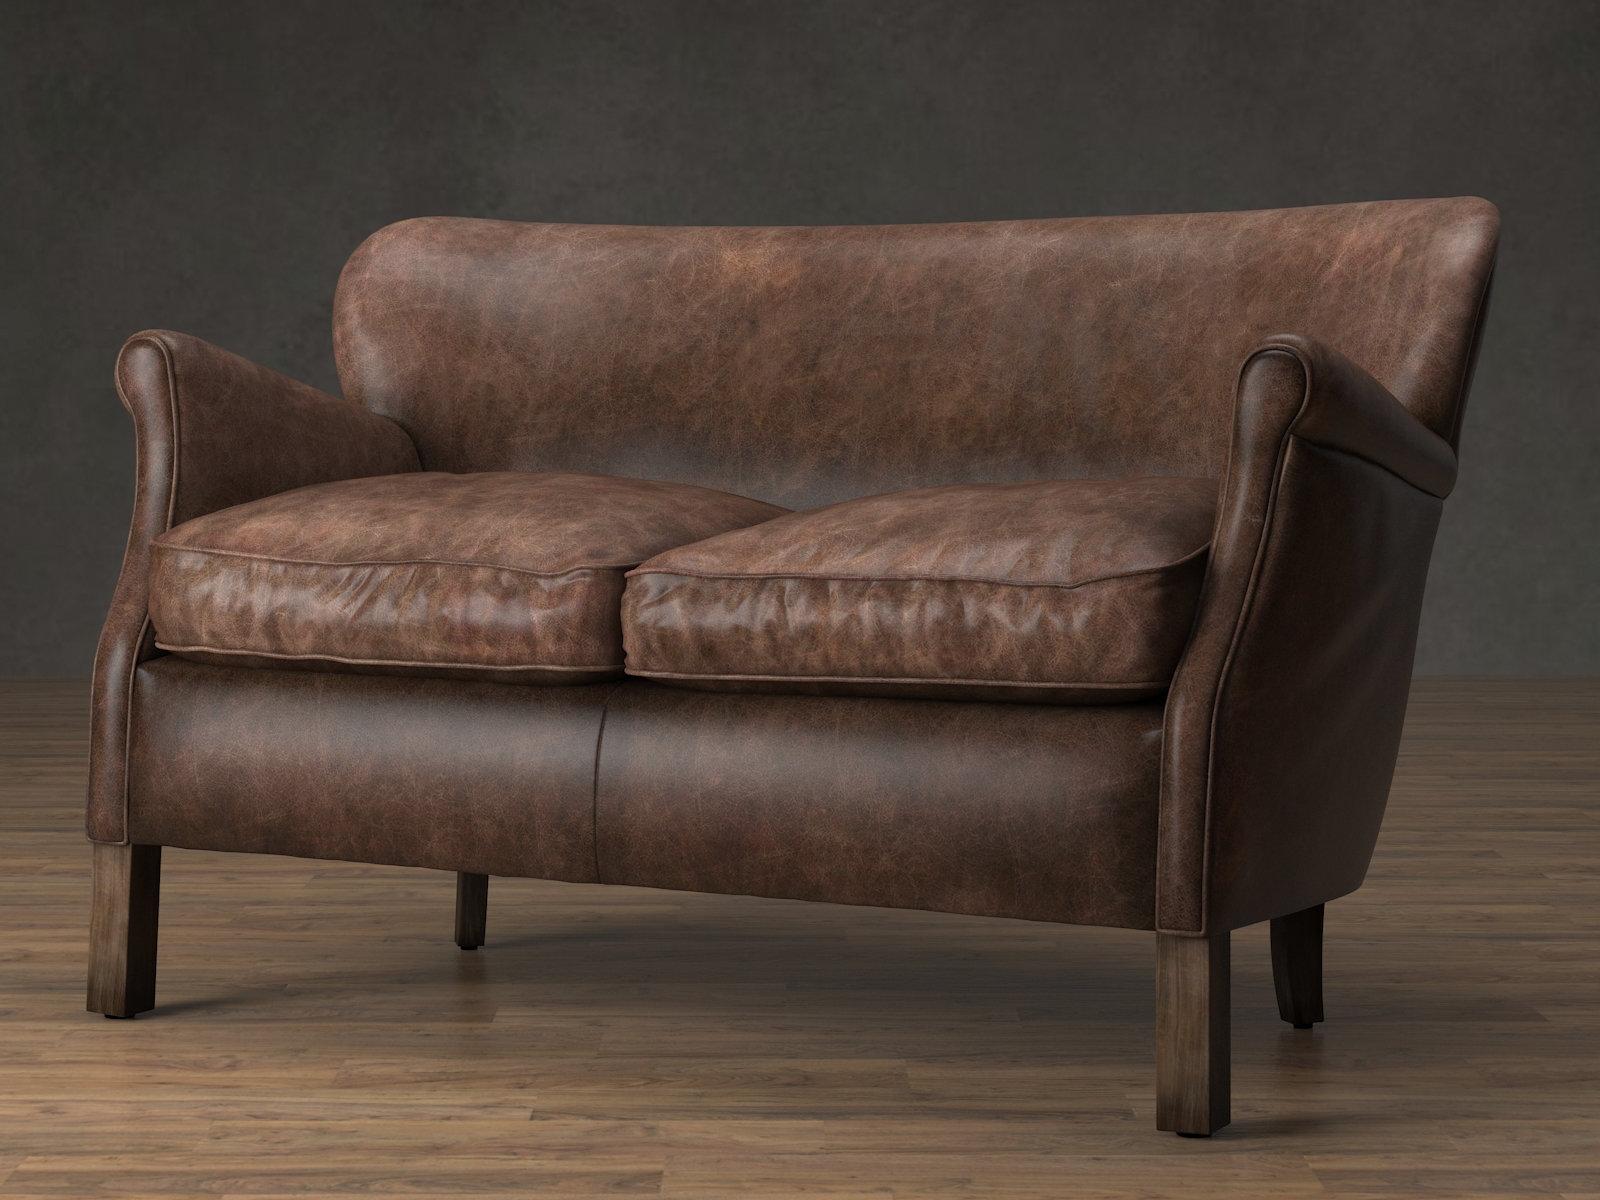 sofa skandinavisches design es geht um idee design bild und beispiel f r haus. Black Bedroom Furniture Sets. Home Design Ideas